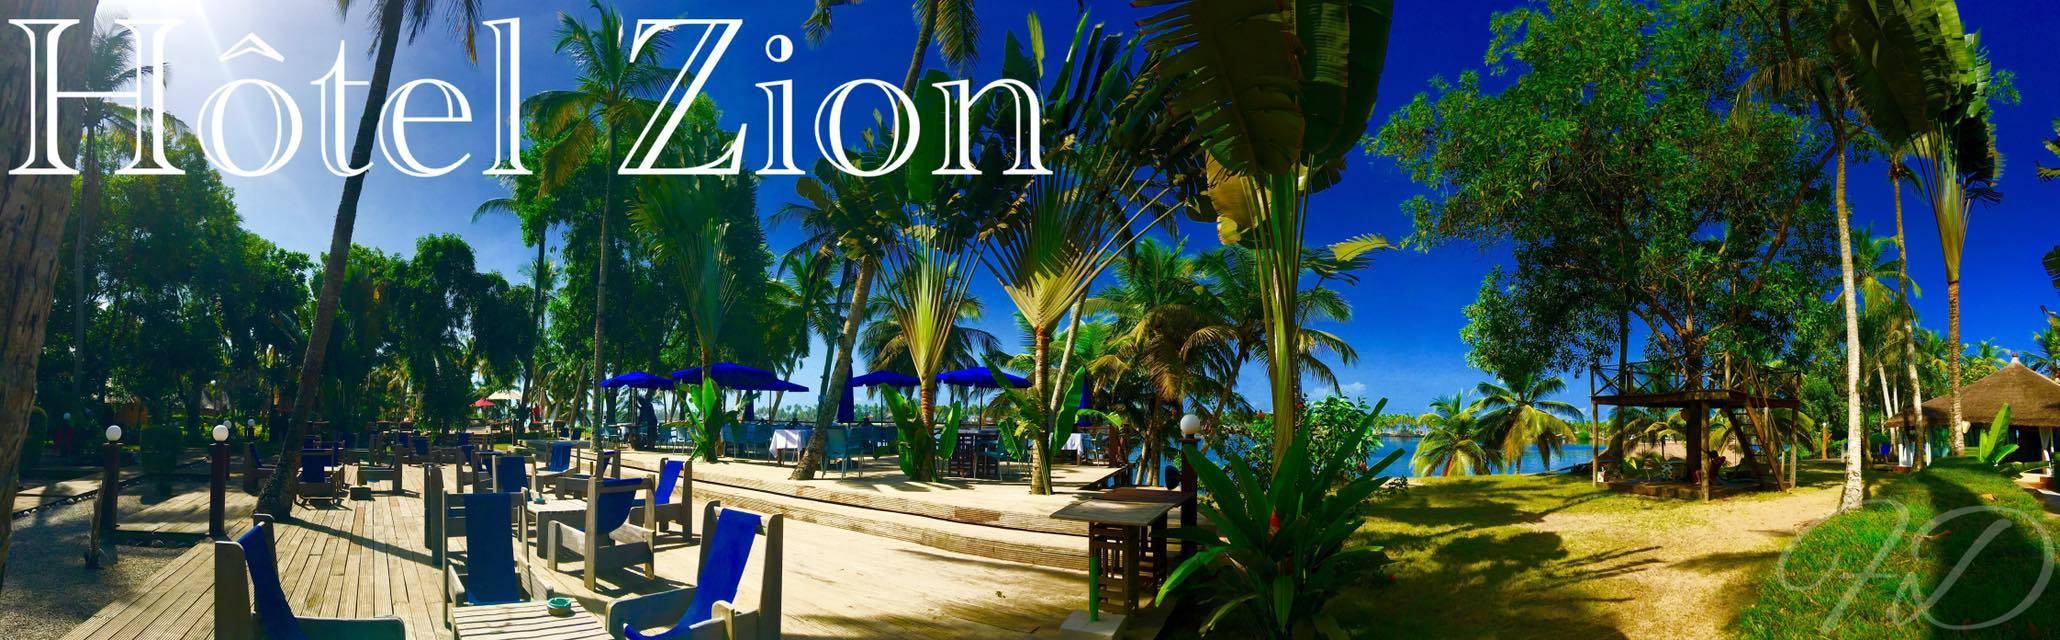 hotel zion1